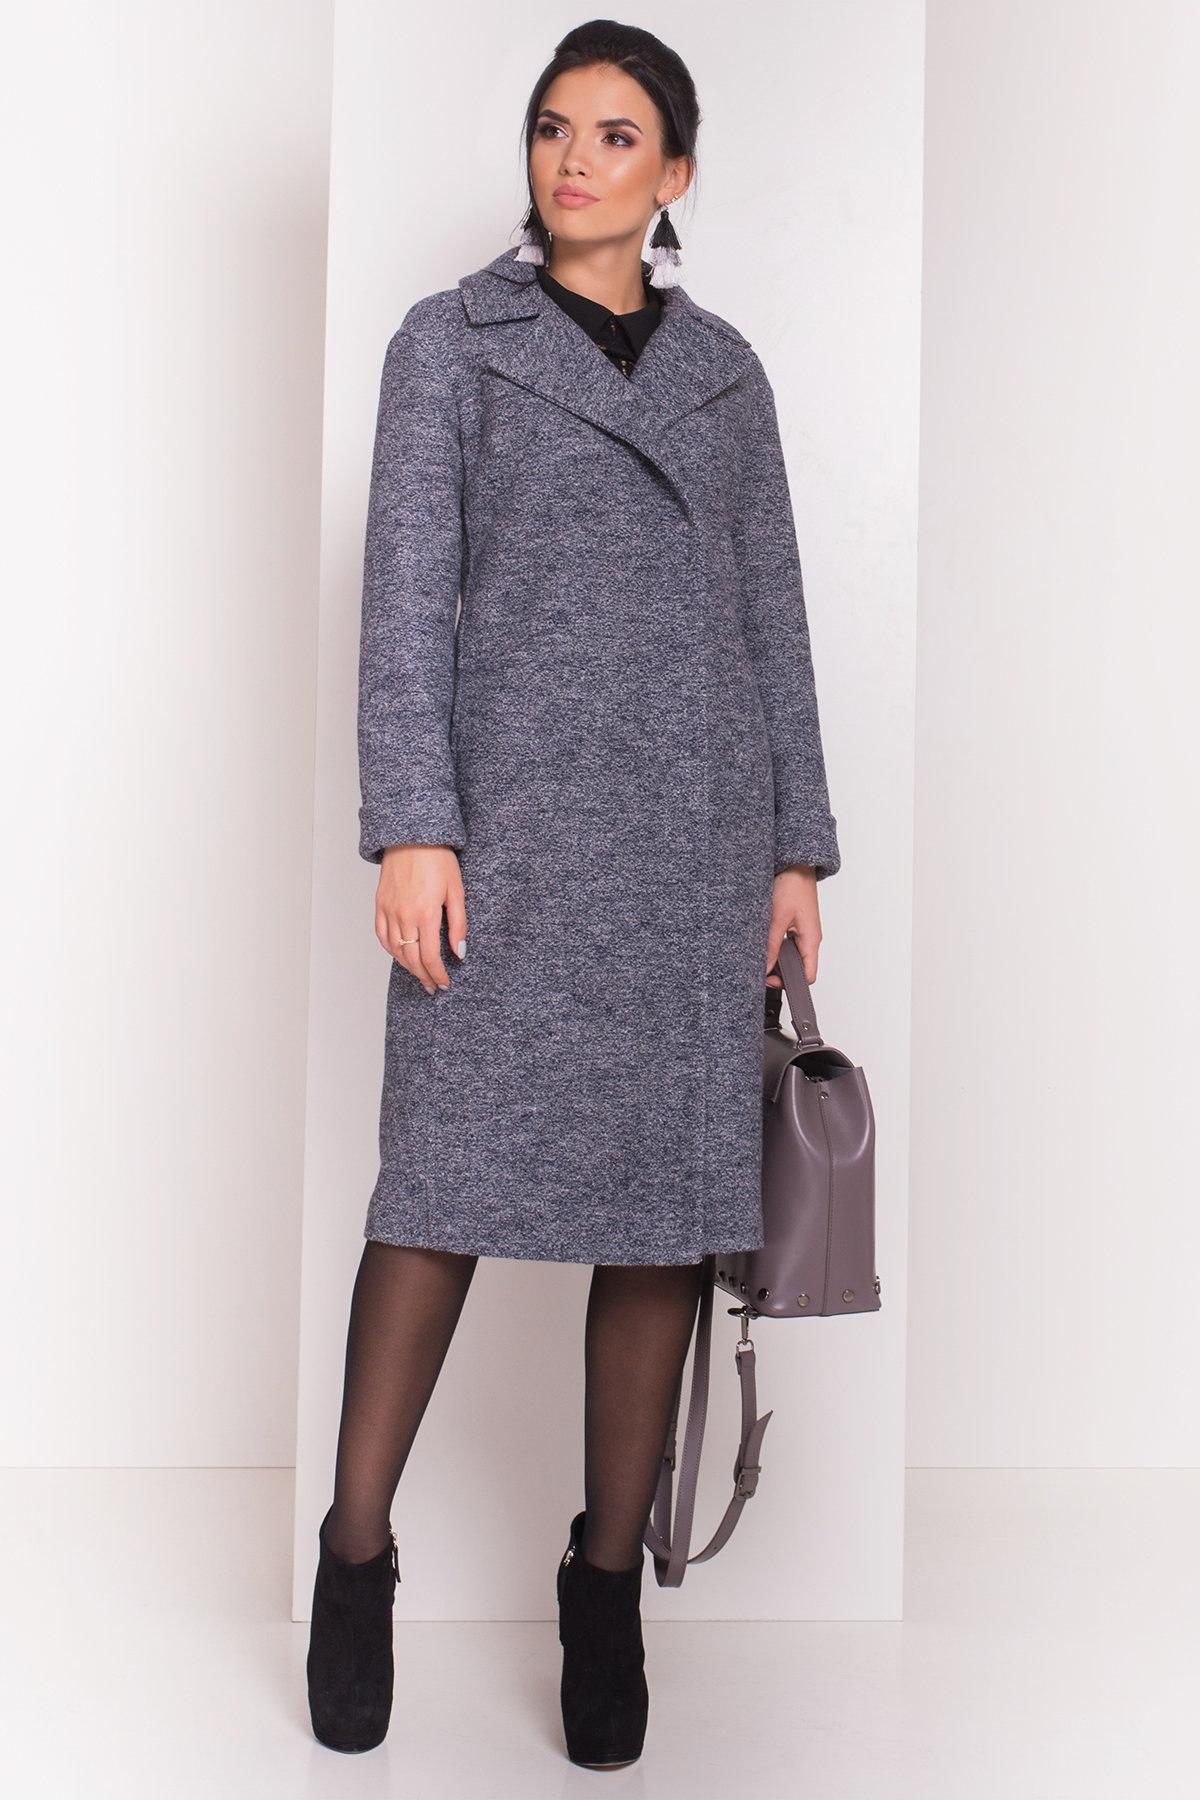 Пальто Богема 5551 Цвет: Серый темный LW-22